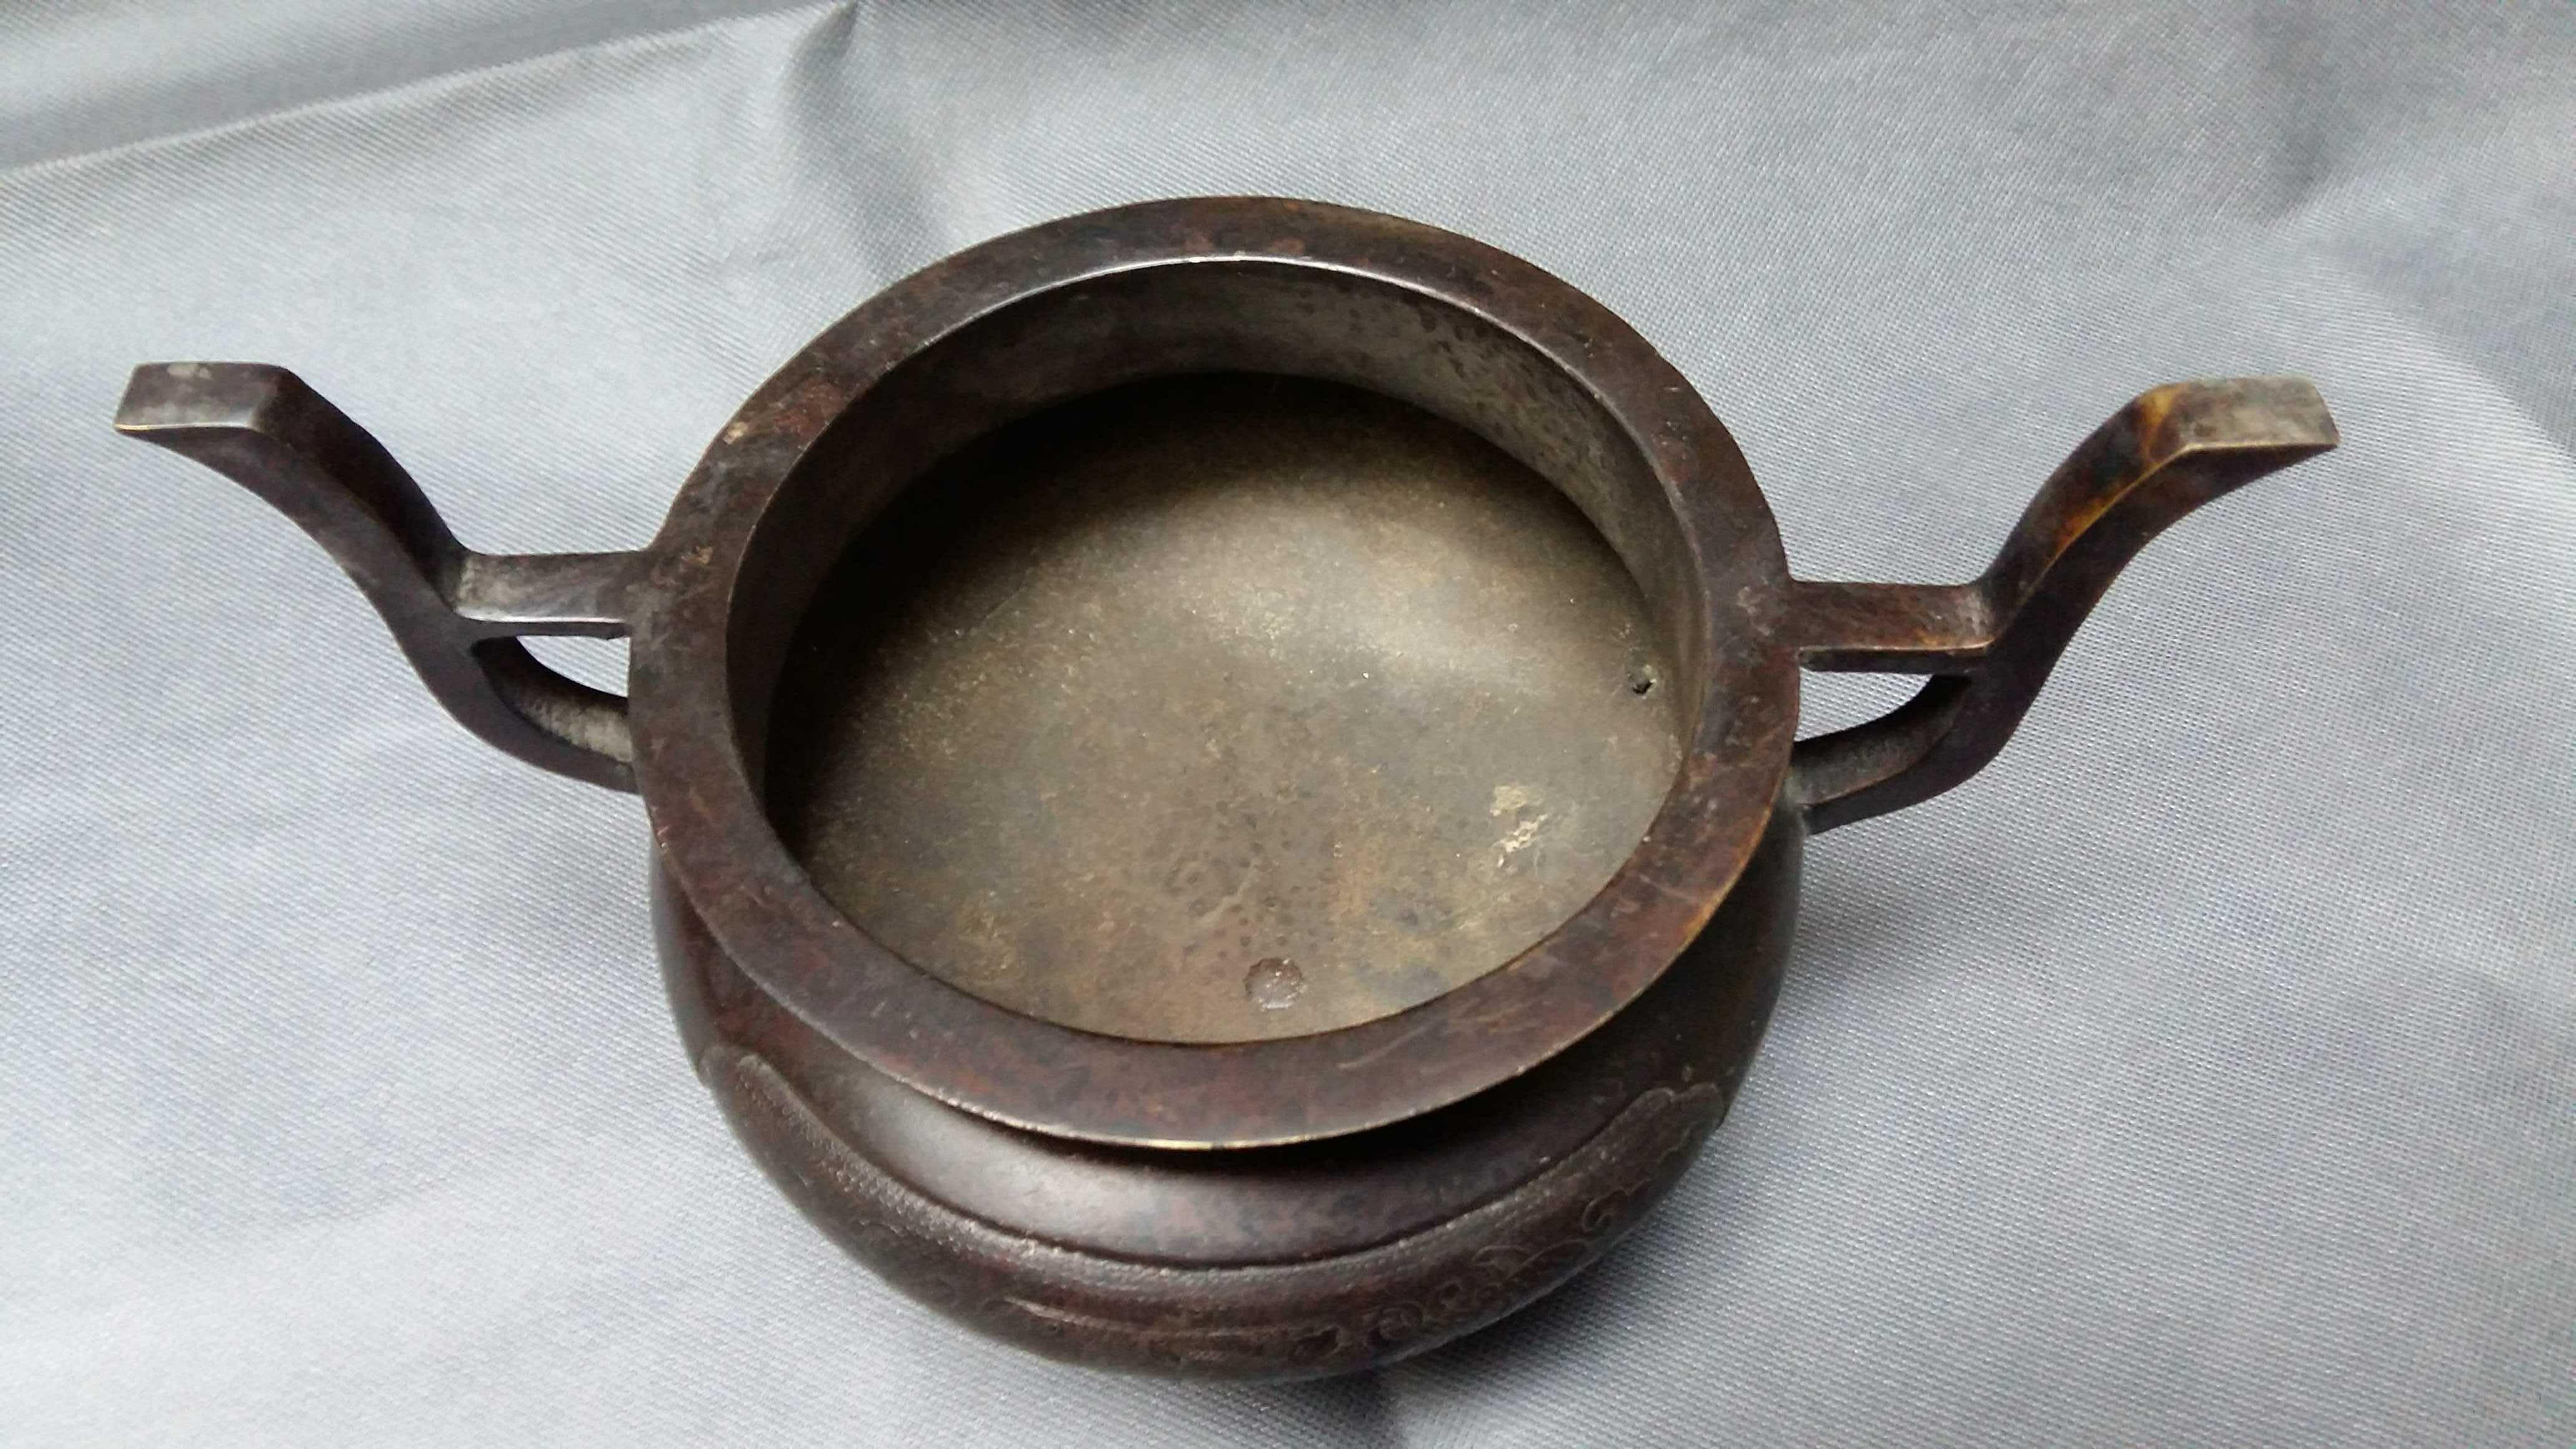 銅香爐 仿古純銅香爐 古玩熱賣 雜項收藏 鑄造工藝品